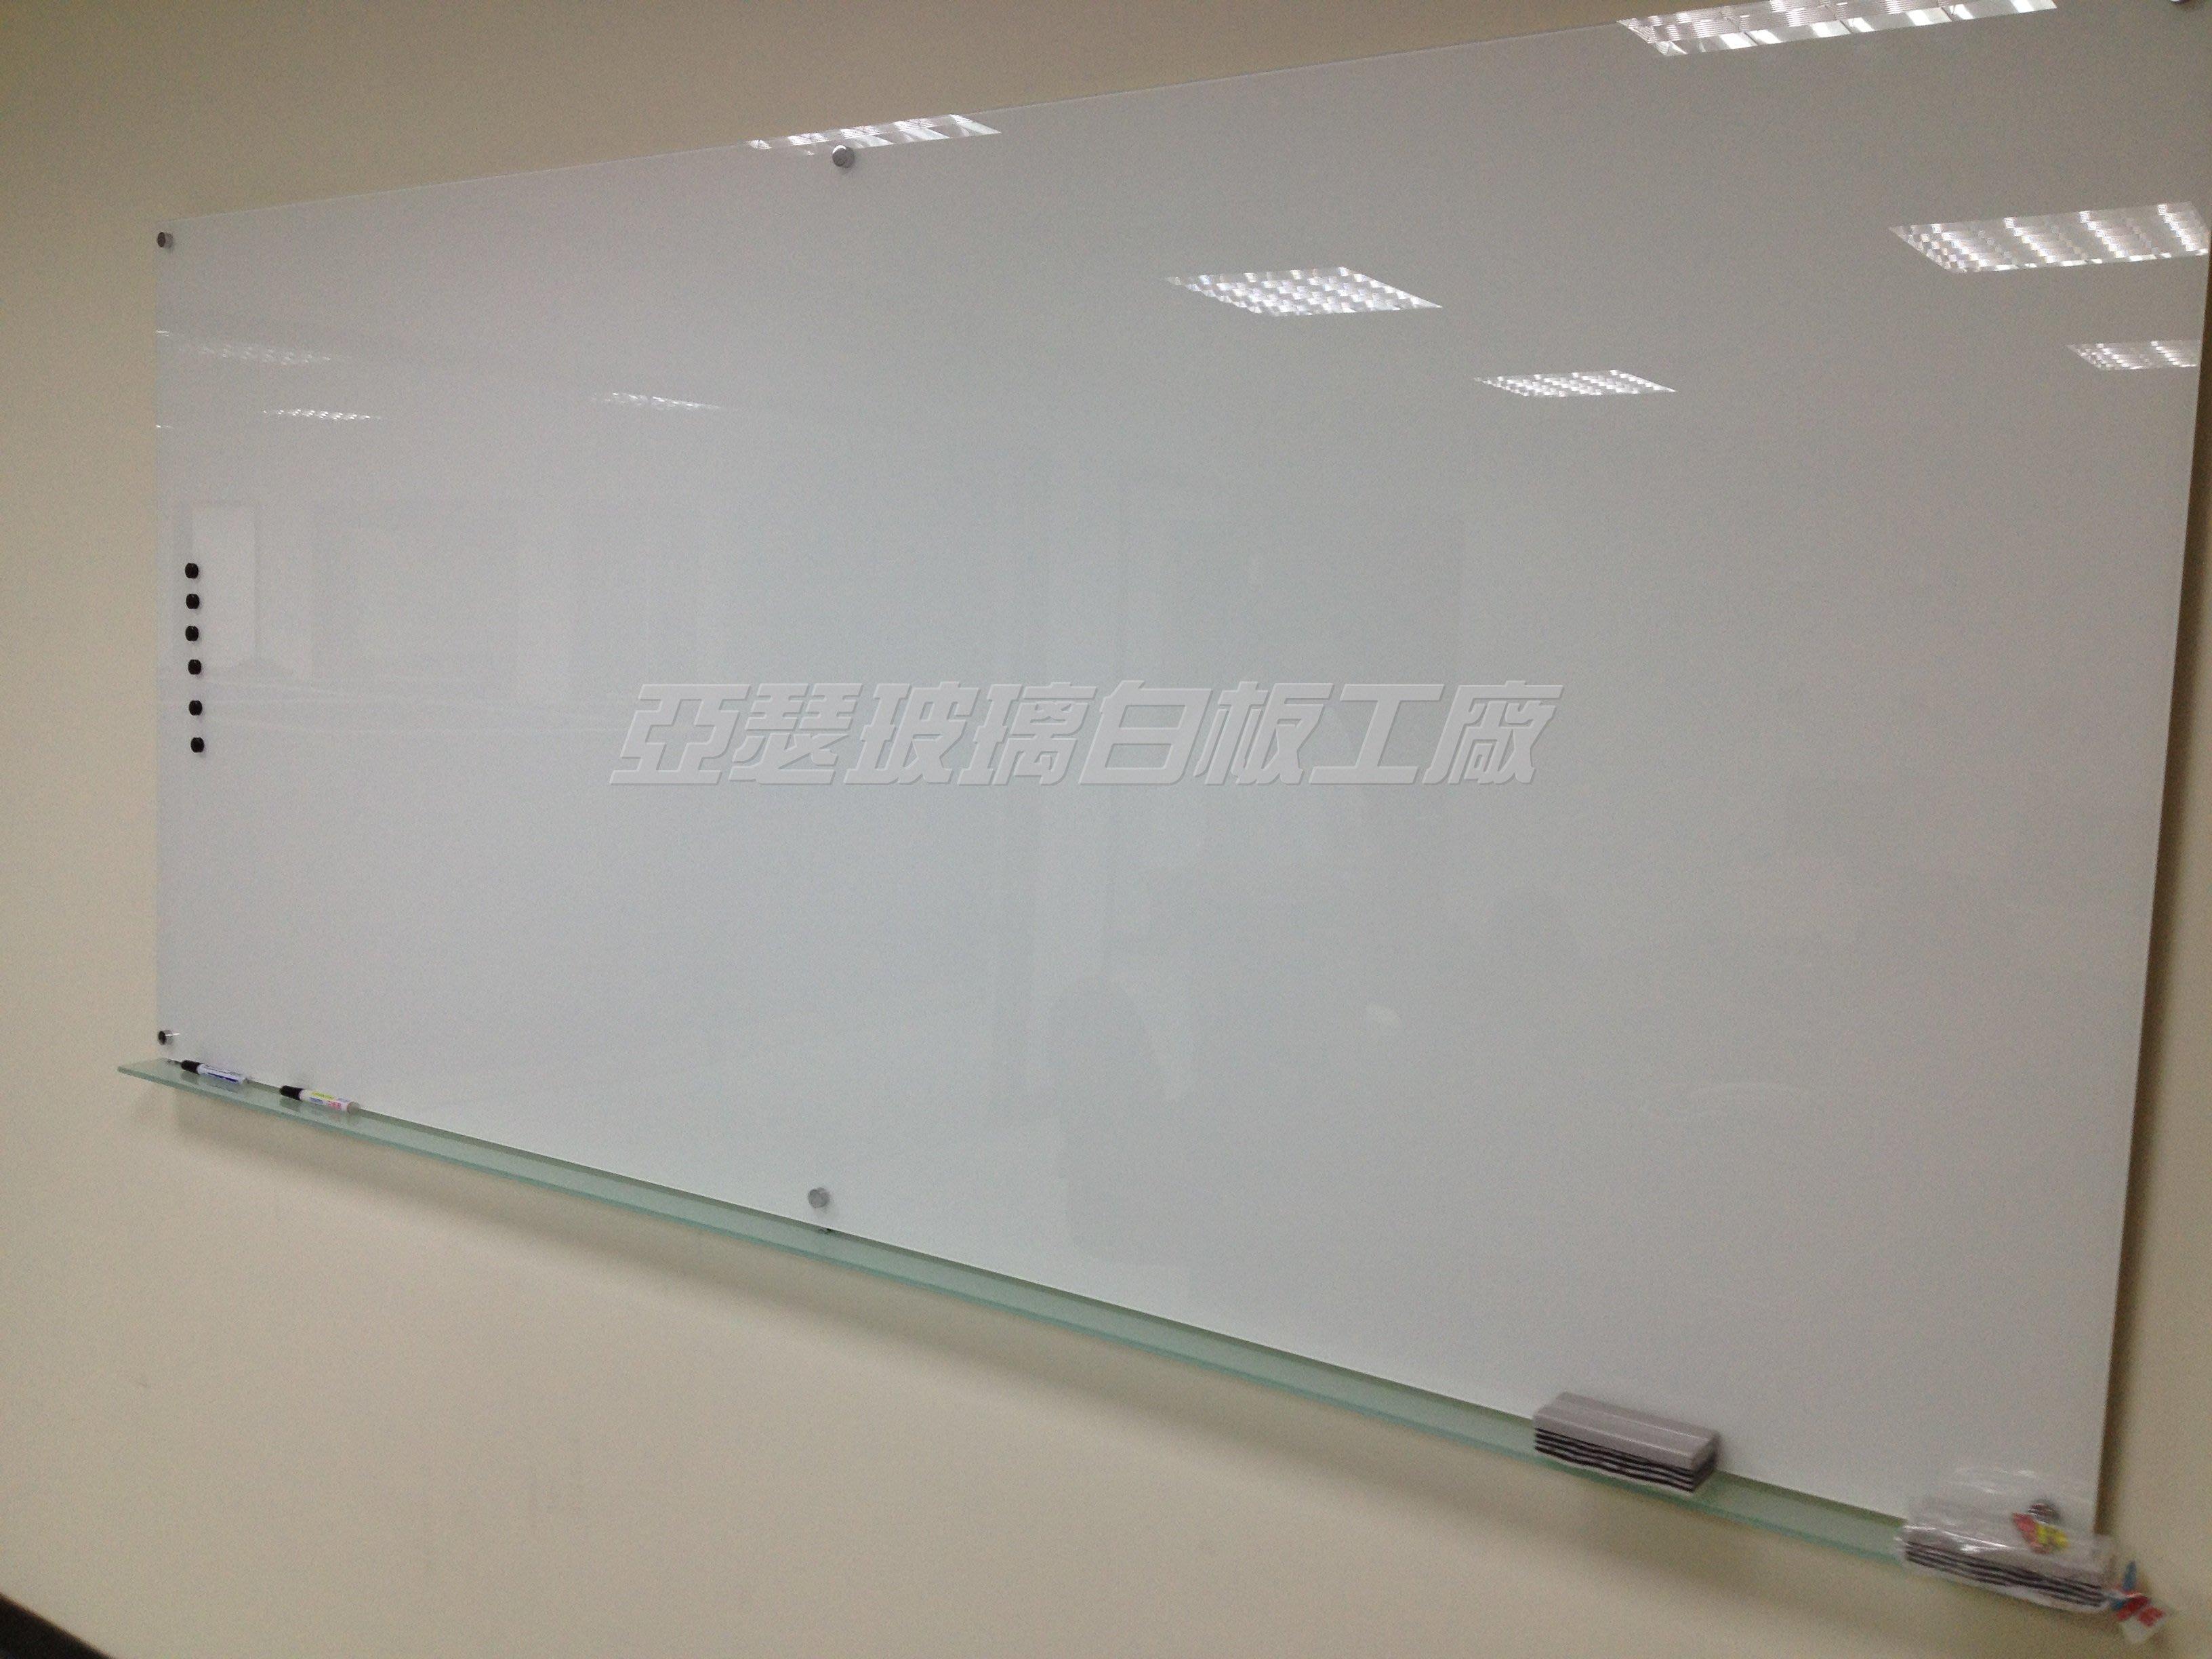 亞瑟 玻璃白板 防眩光玻璃 磁性玻璃 白板玻璃 超白玻璃 會議室玻璃 投影玻璃白板 網路最低價 優惠中